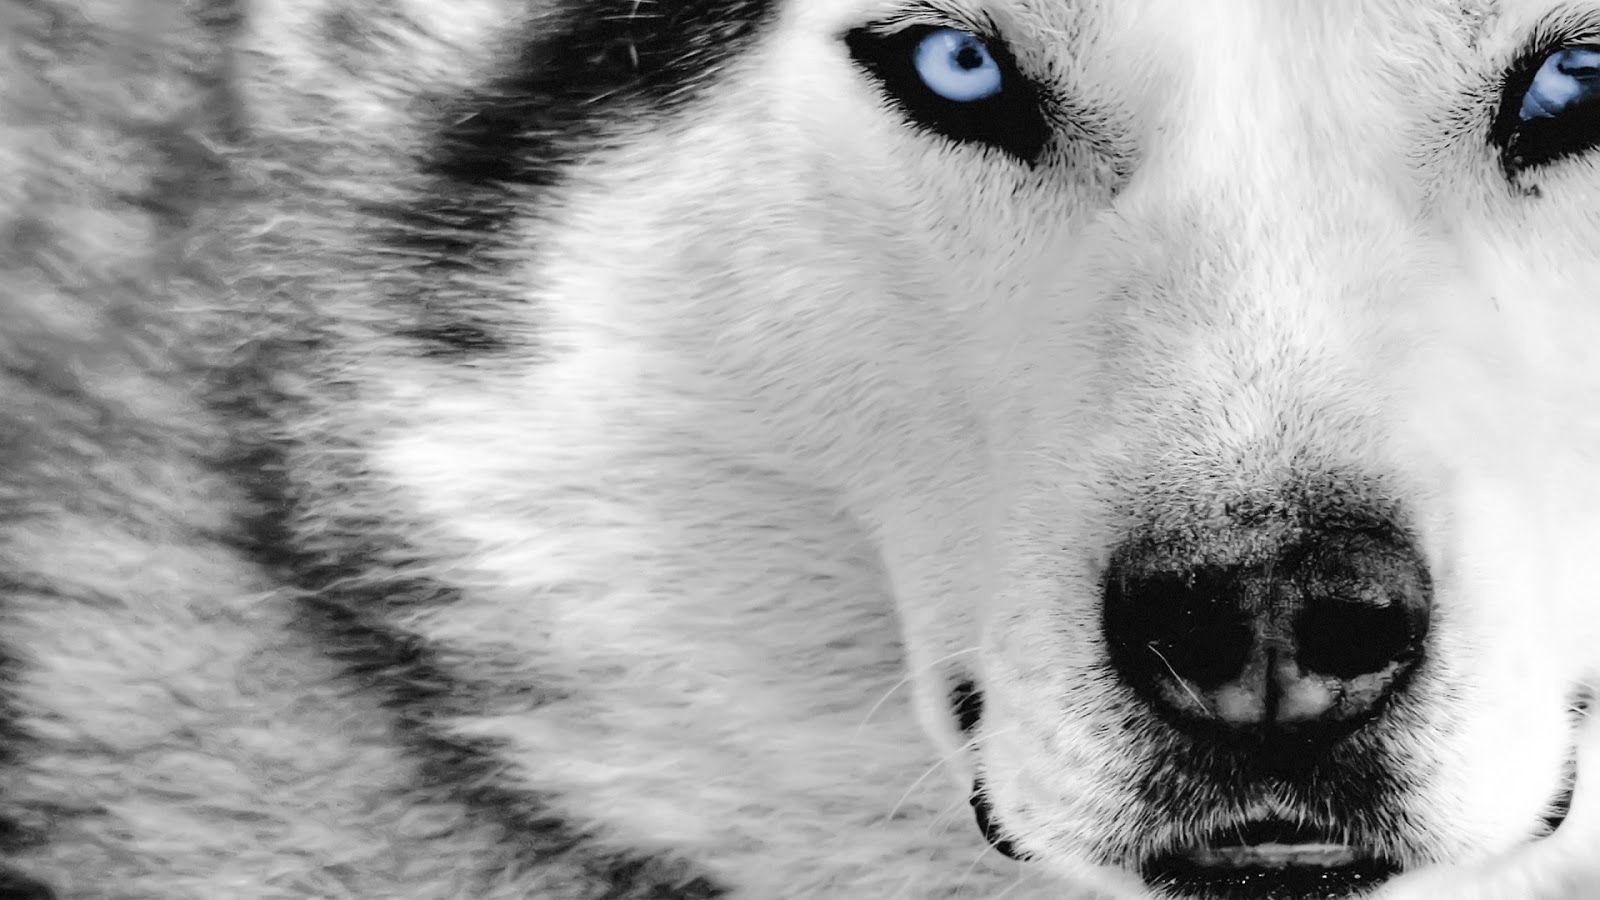 wolf 1080p hd wallpaper | latest hd wallpapers | para ser melhor